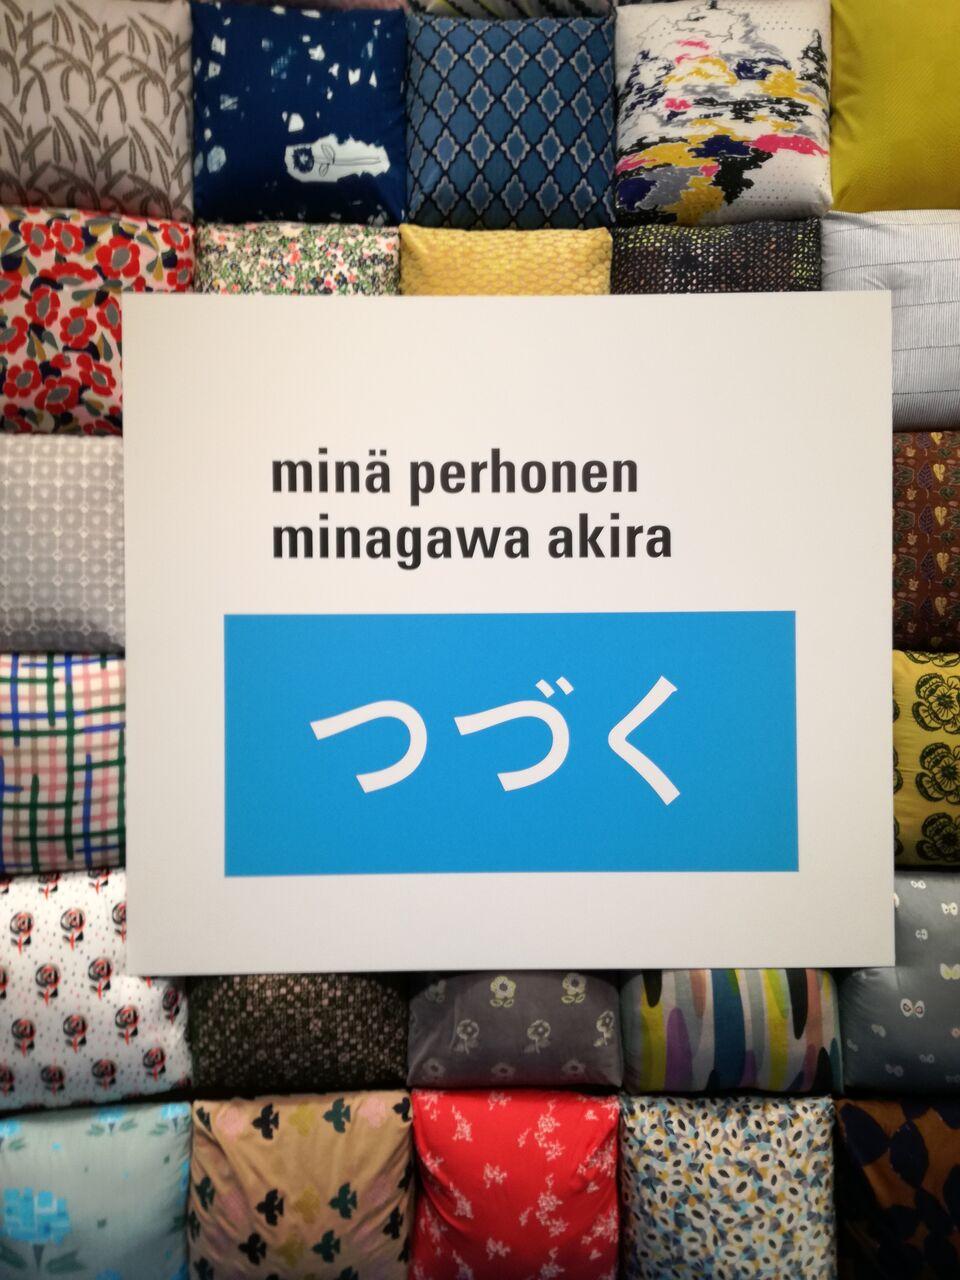 つづく ミナ ペルホネン